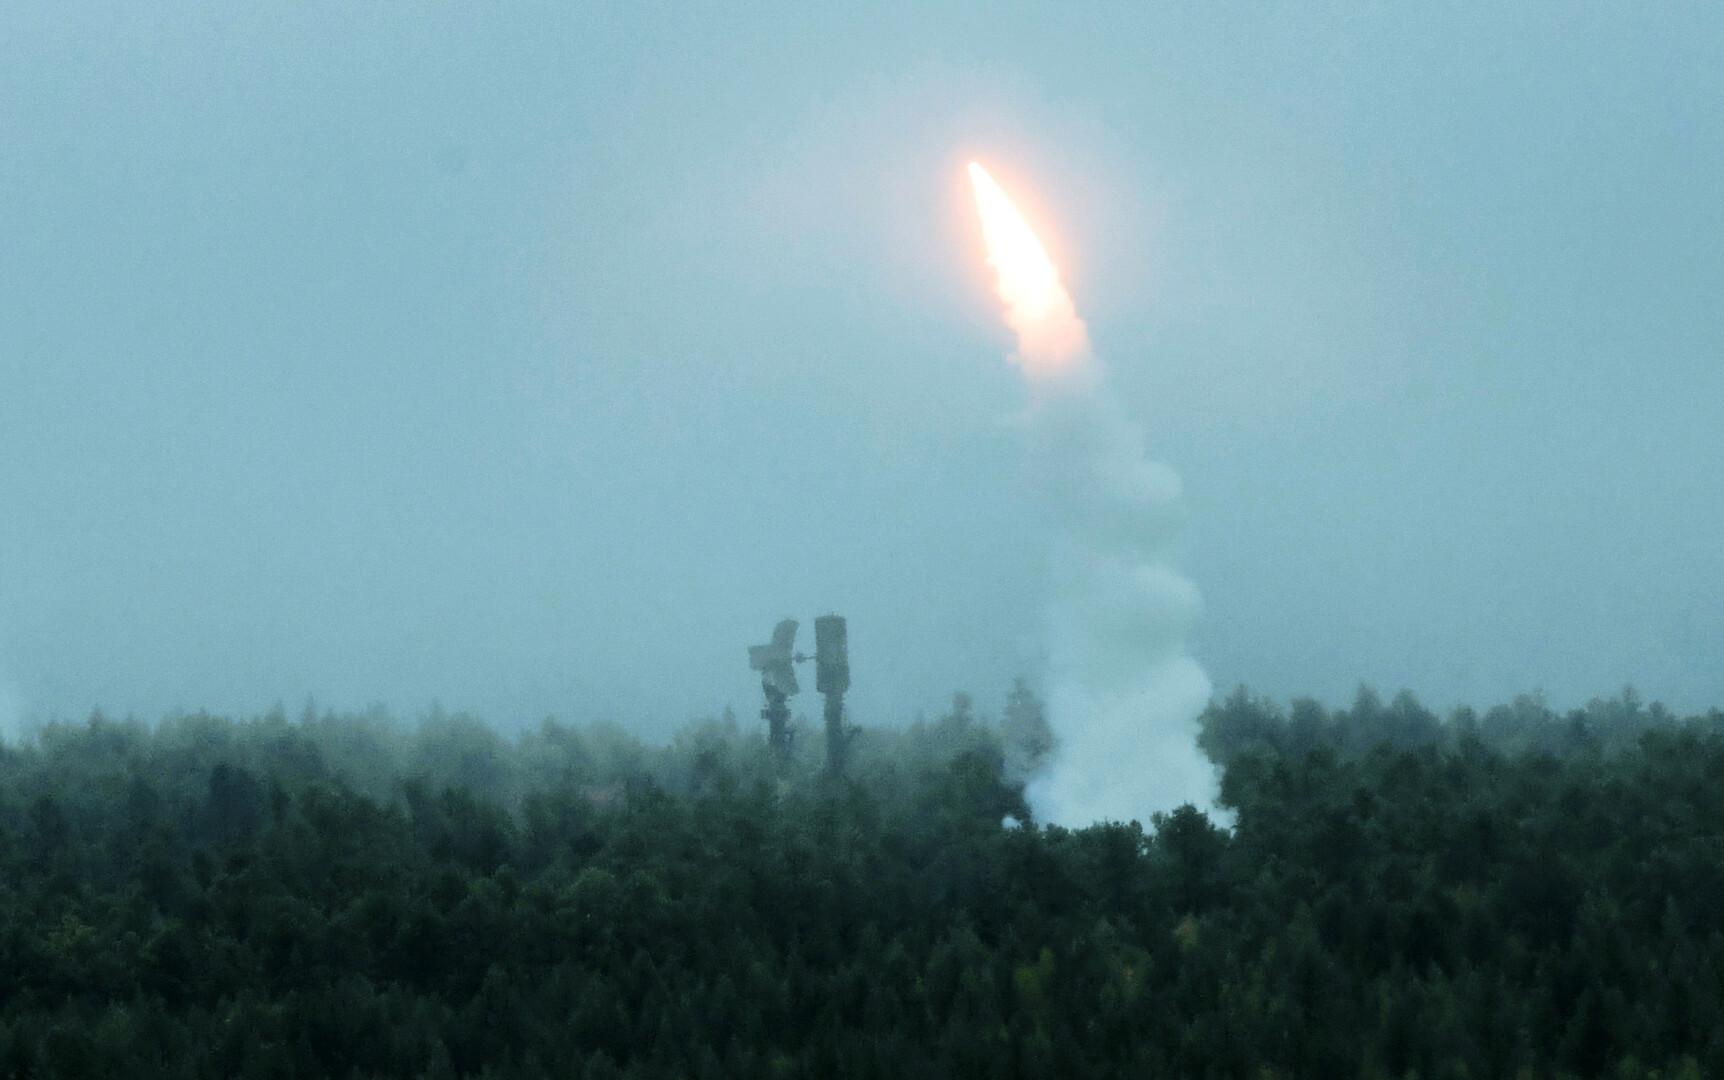 قوات الدفاع الجوي الروسية في بزة جديدة خلال مناورات هي الأولى من نوعها في مصر